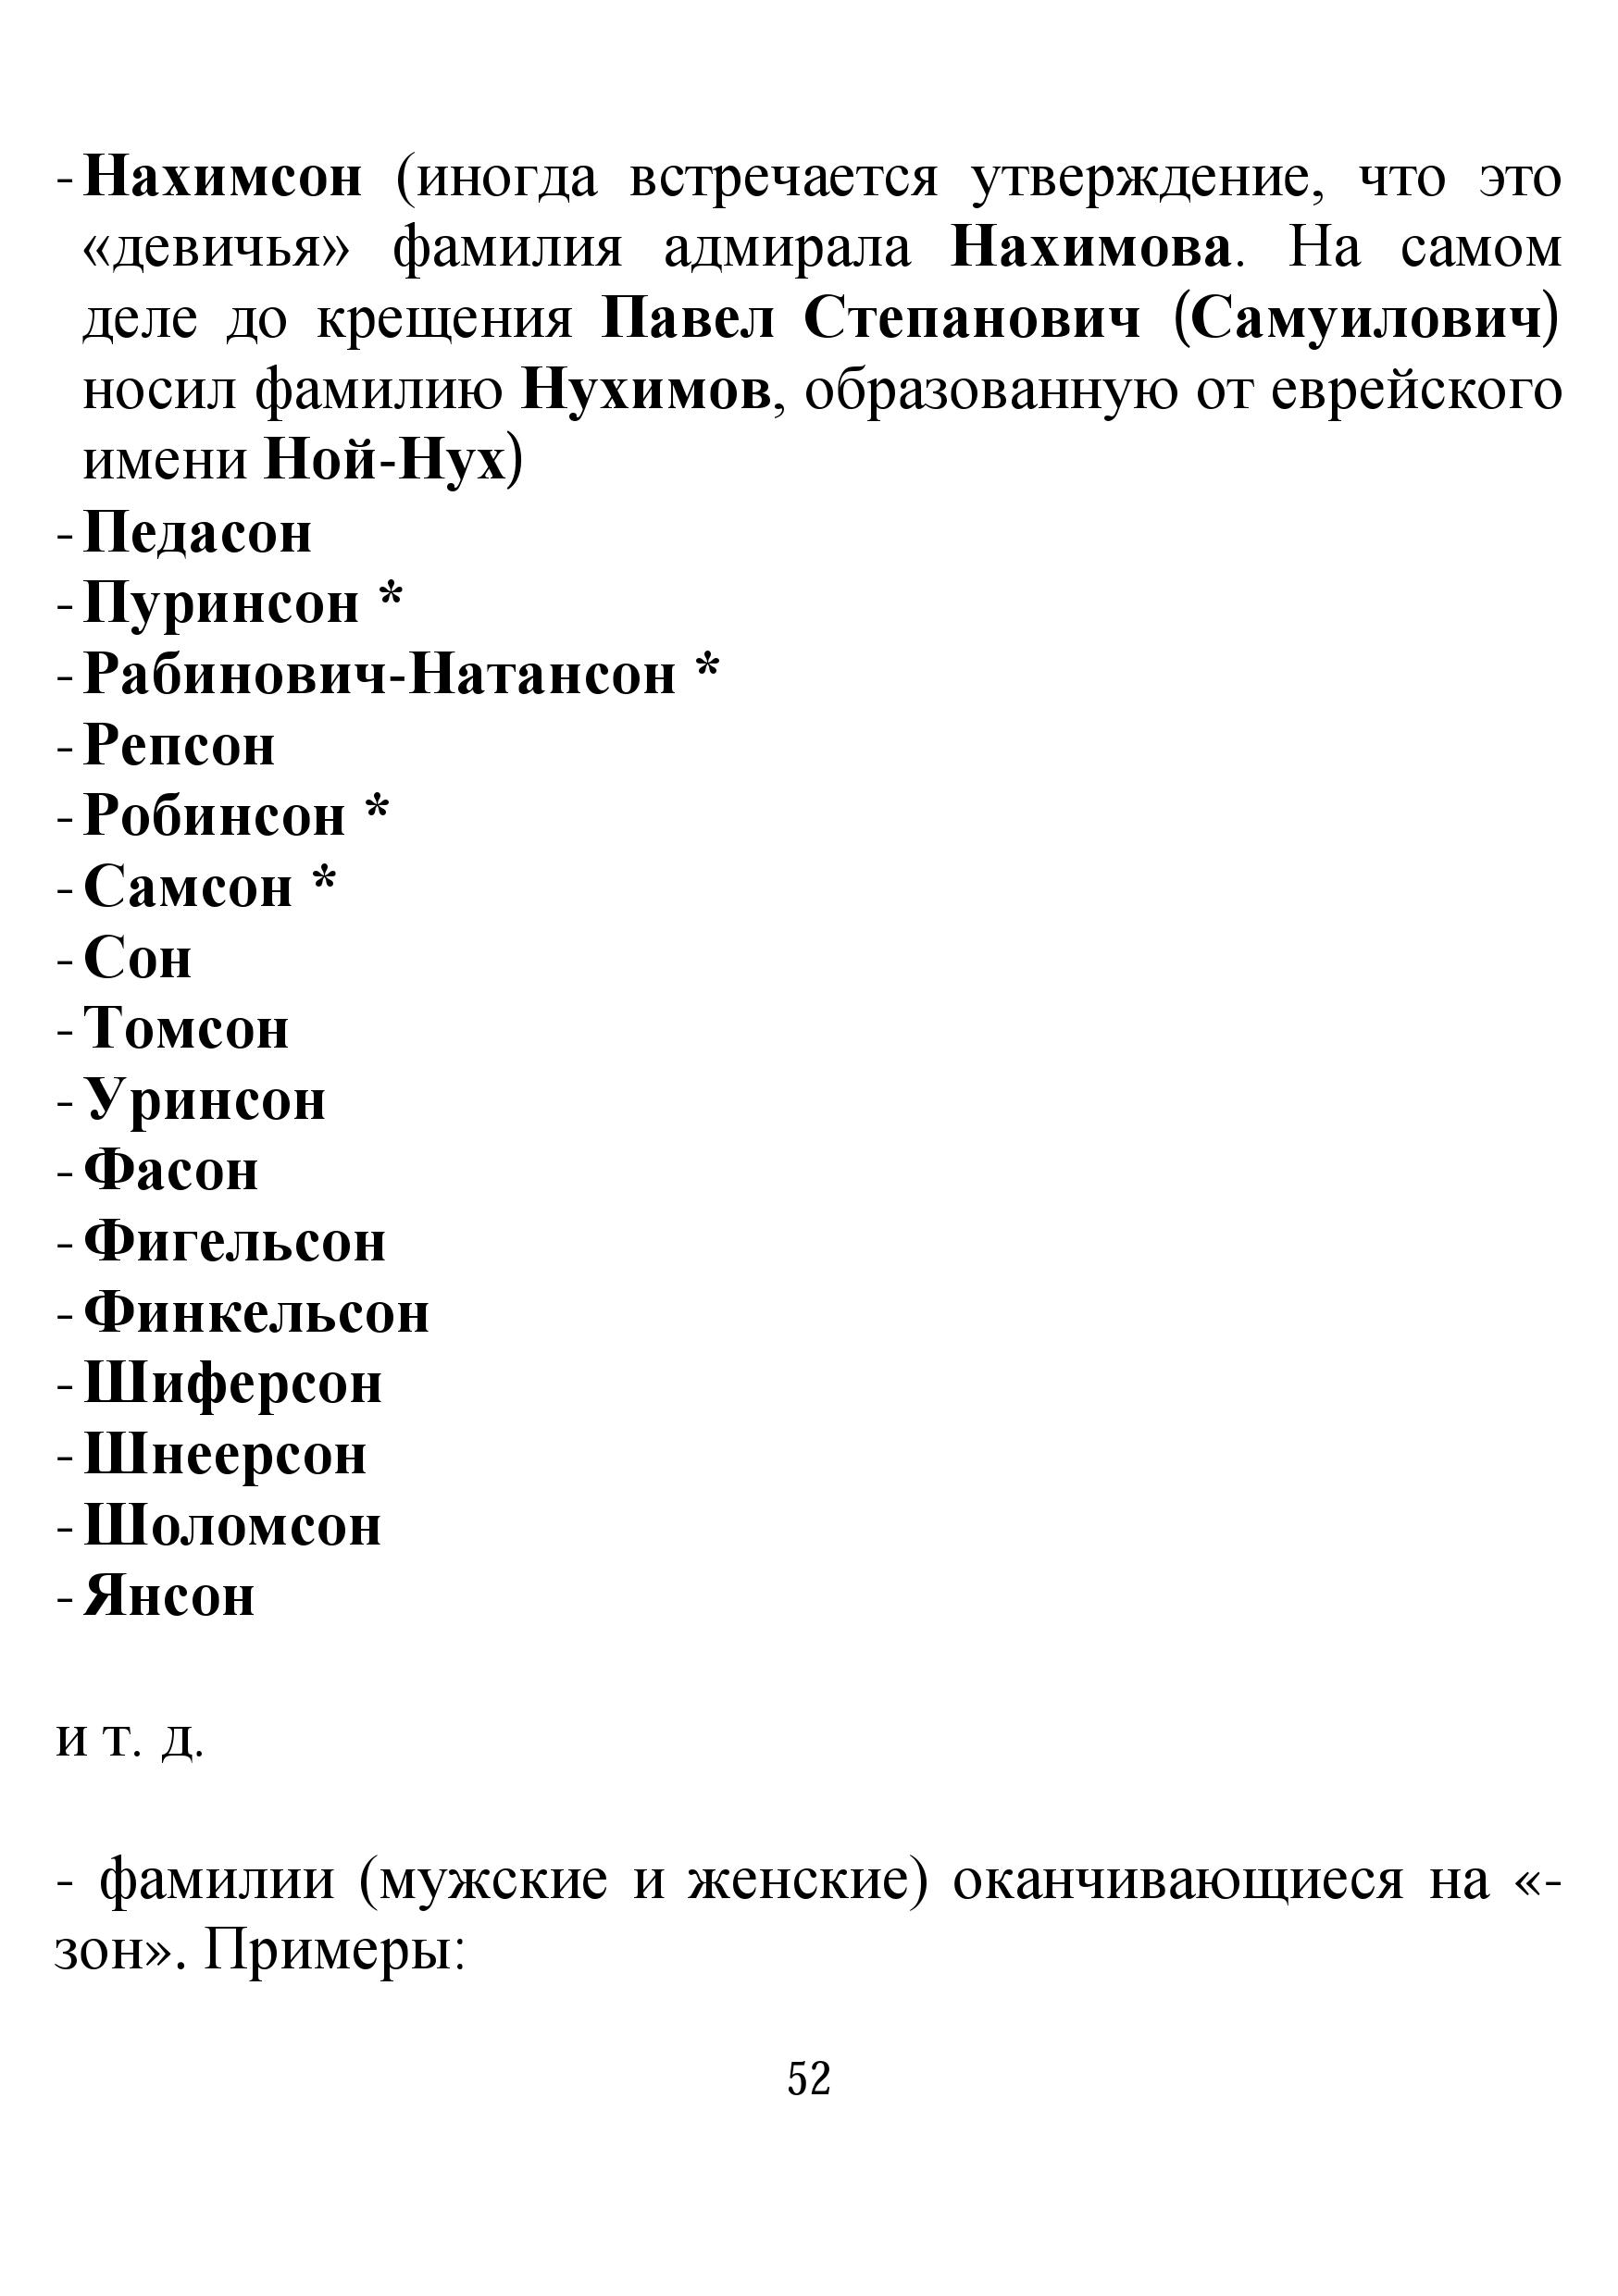 http://s4.uploads.ru/Cl8H0.jpg